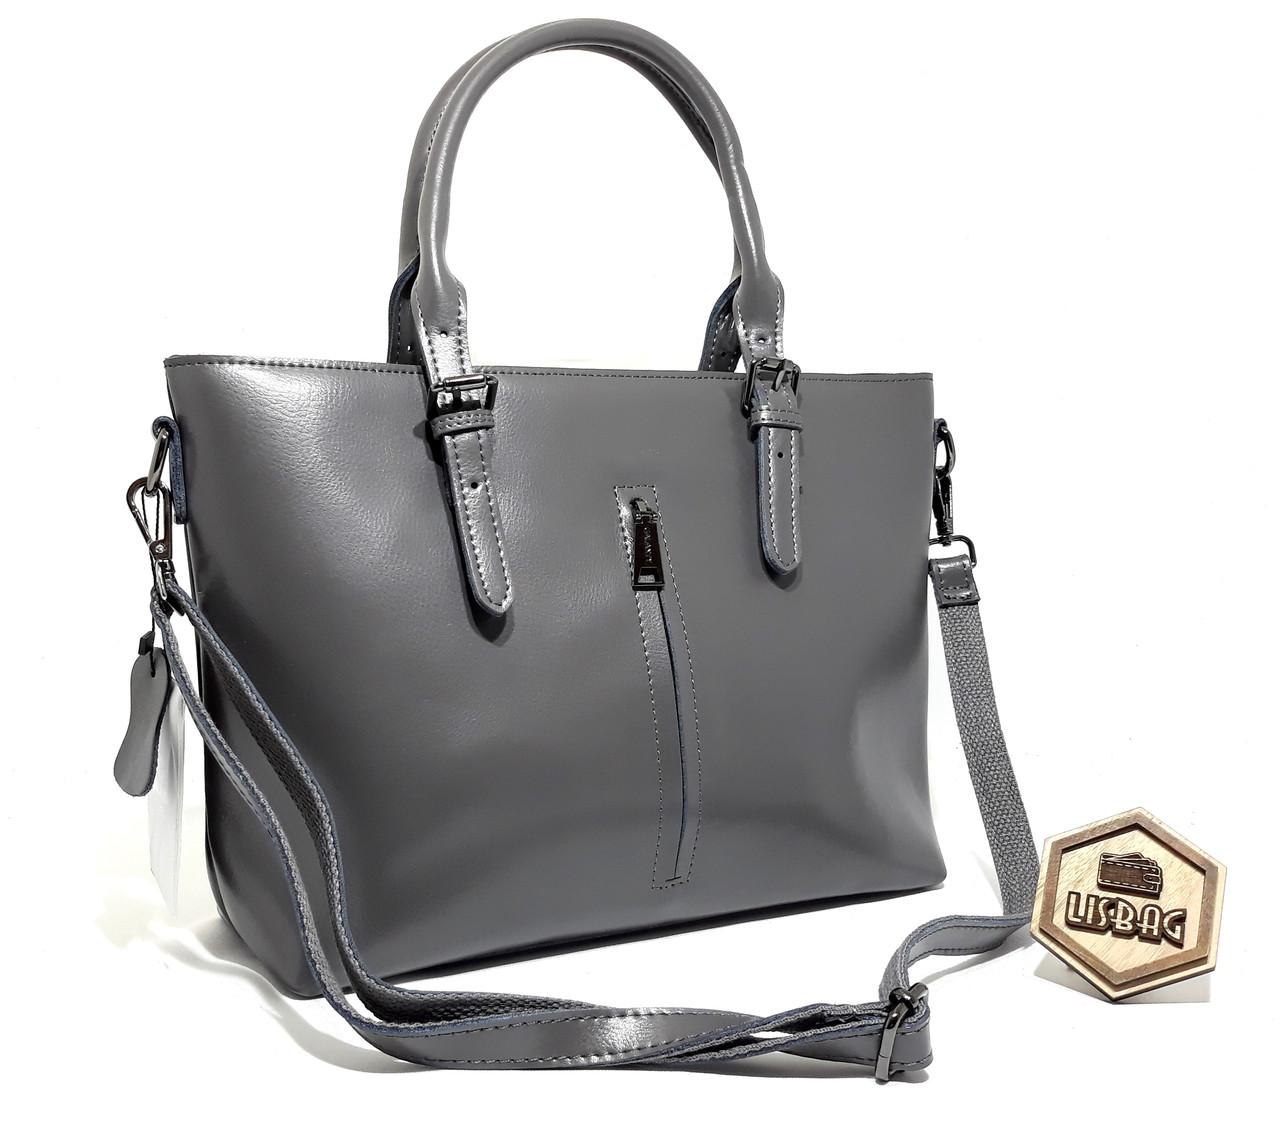 5cf813cd1748 Большая классная женская сумка Galanty из натуральной кожи классического  дизайна Серого цвета - Интернет магазин Lisbag